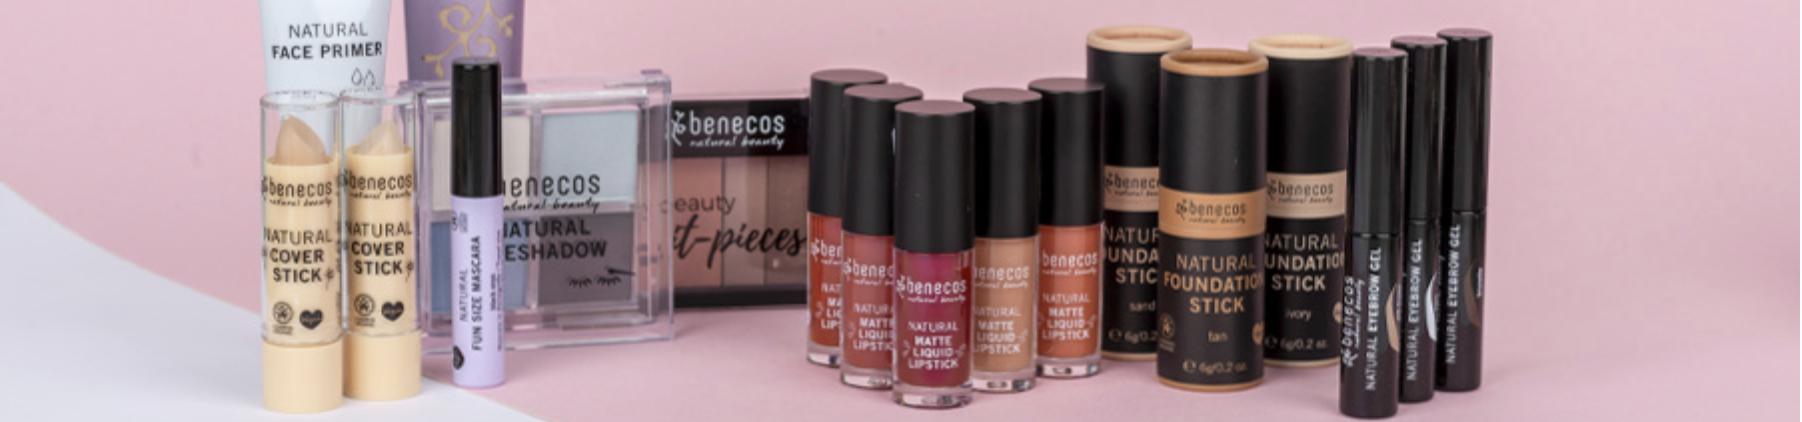 Groothandel Benecos natuurlijke make-up van Europa